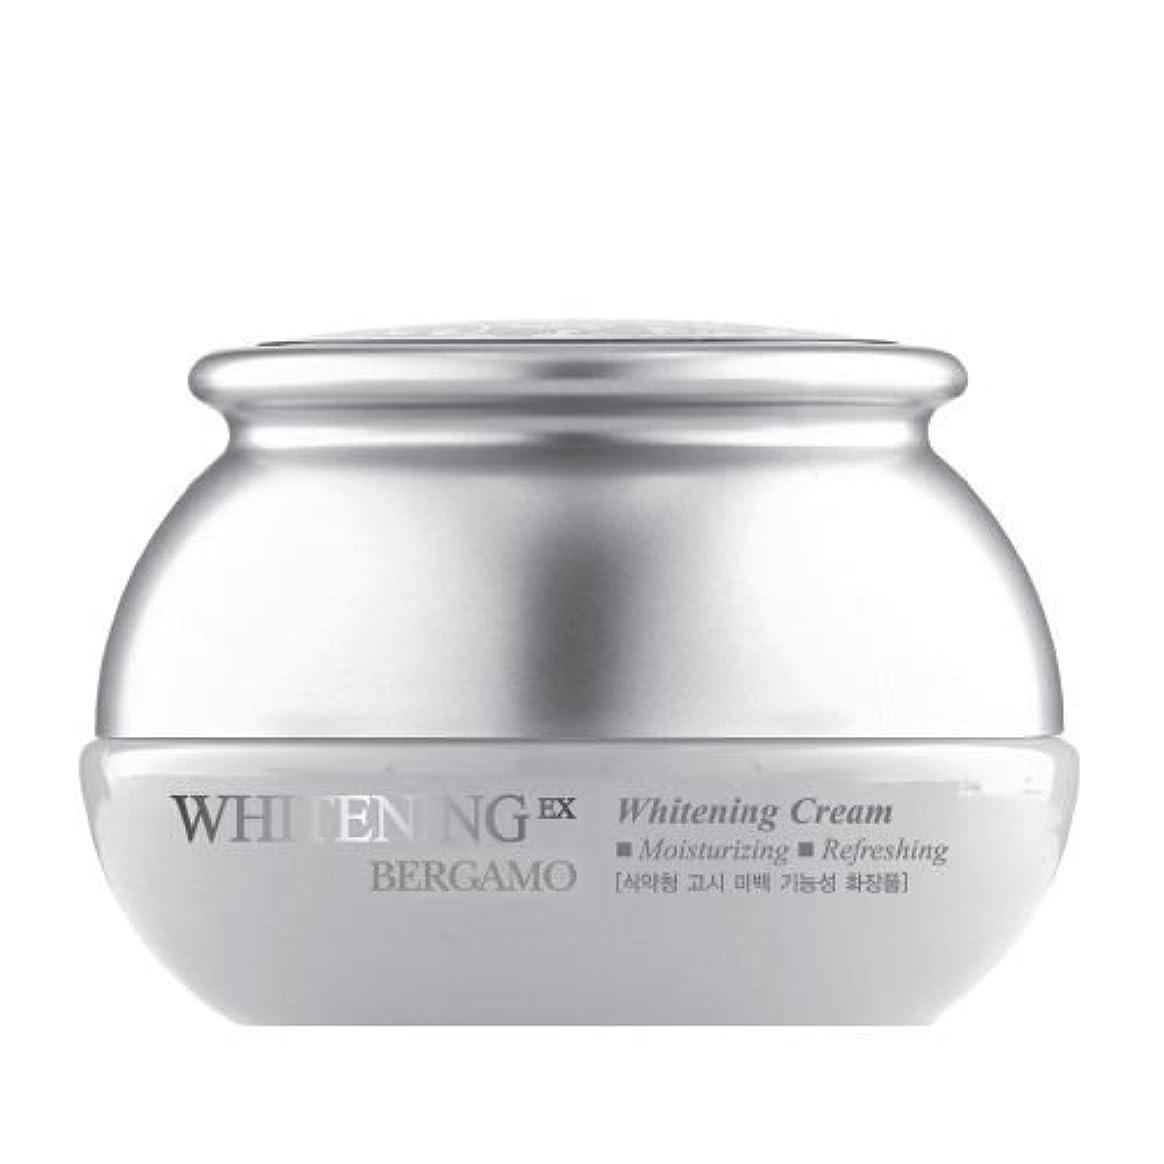 爪暖かく前文ベルガモ[韓国コスメBergamo]Whitening EX Wrinkle Care Cream ホワイトニングEXリンクルケアクリーム50ml しわ管理 [並行輸入品]